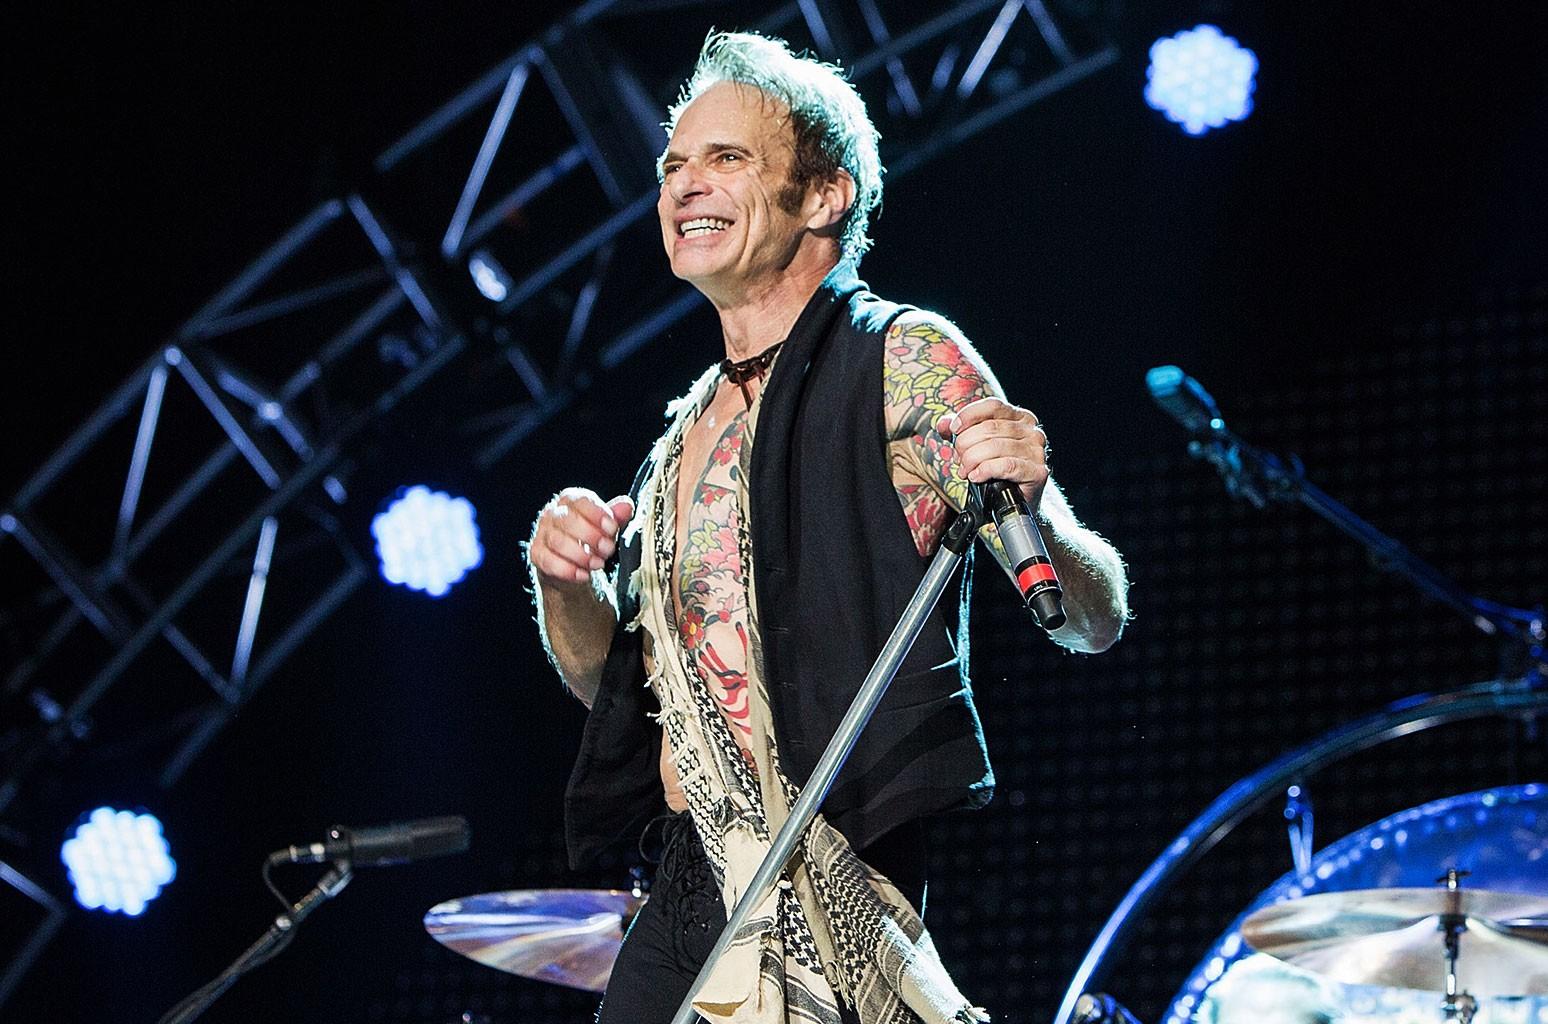 David Lee Roth of Van Halen